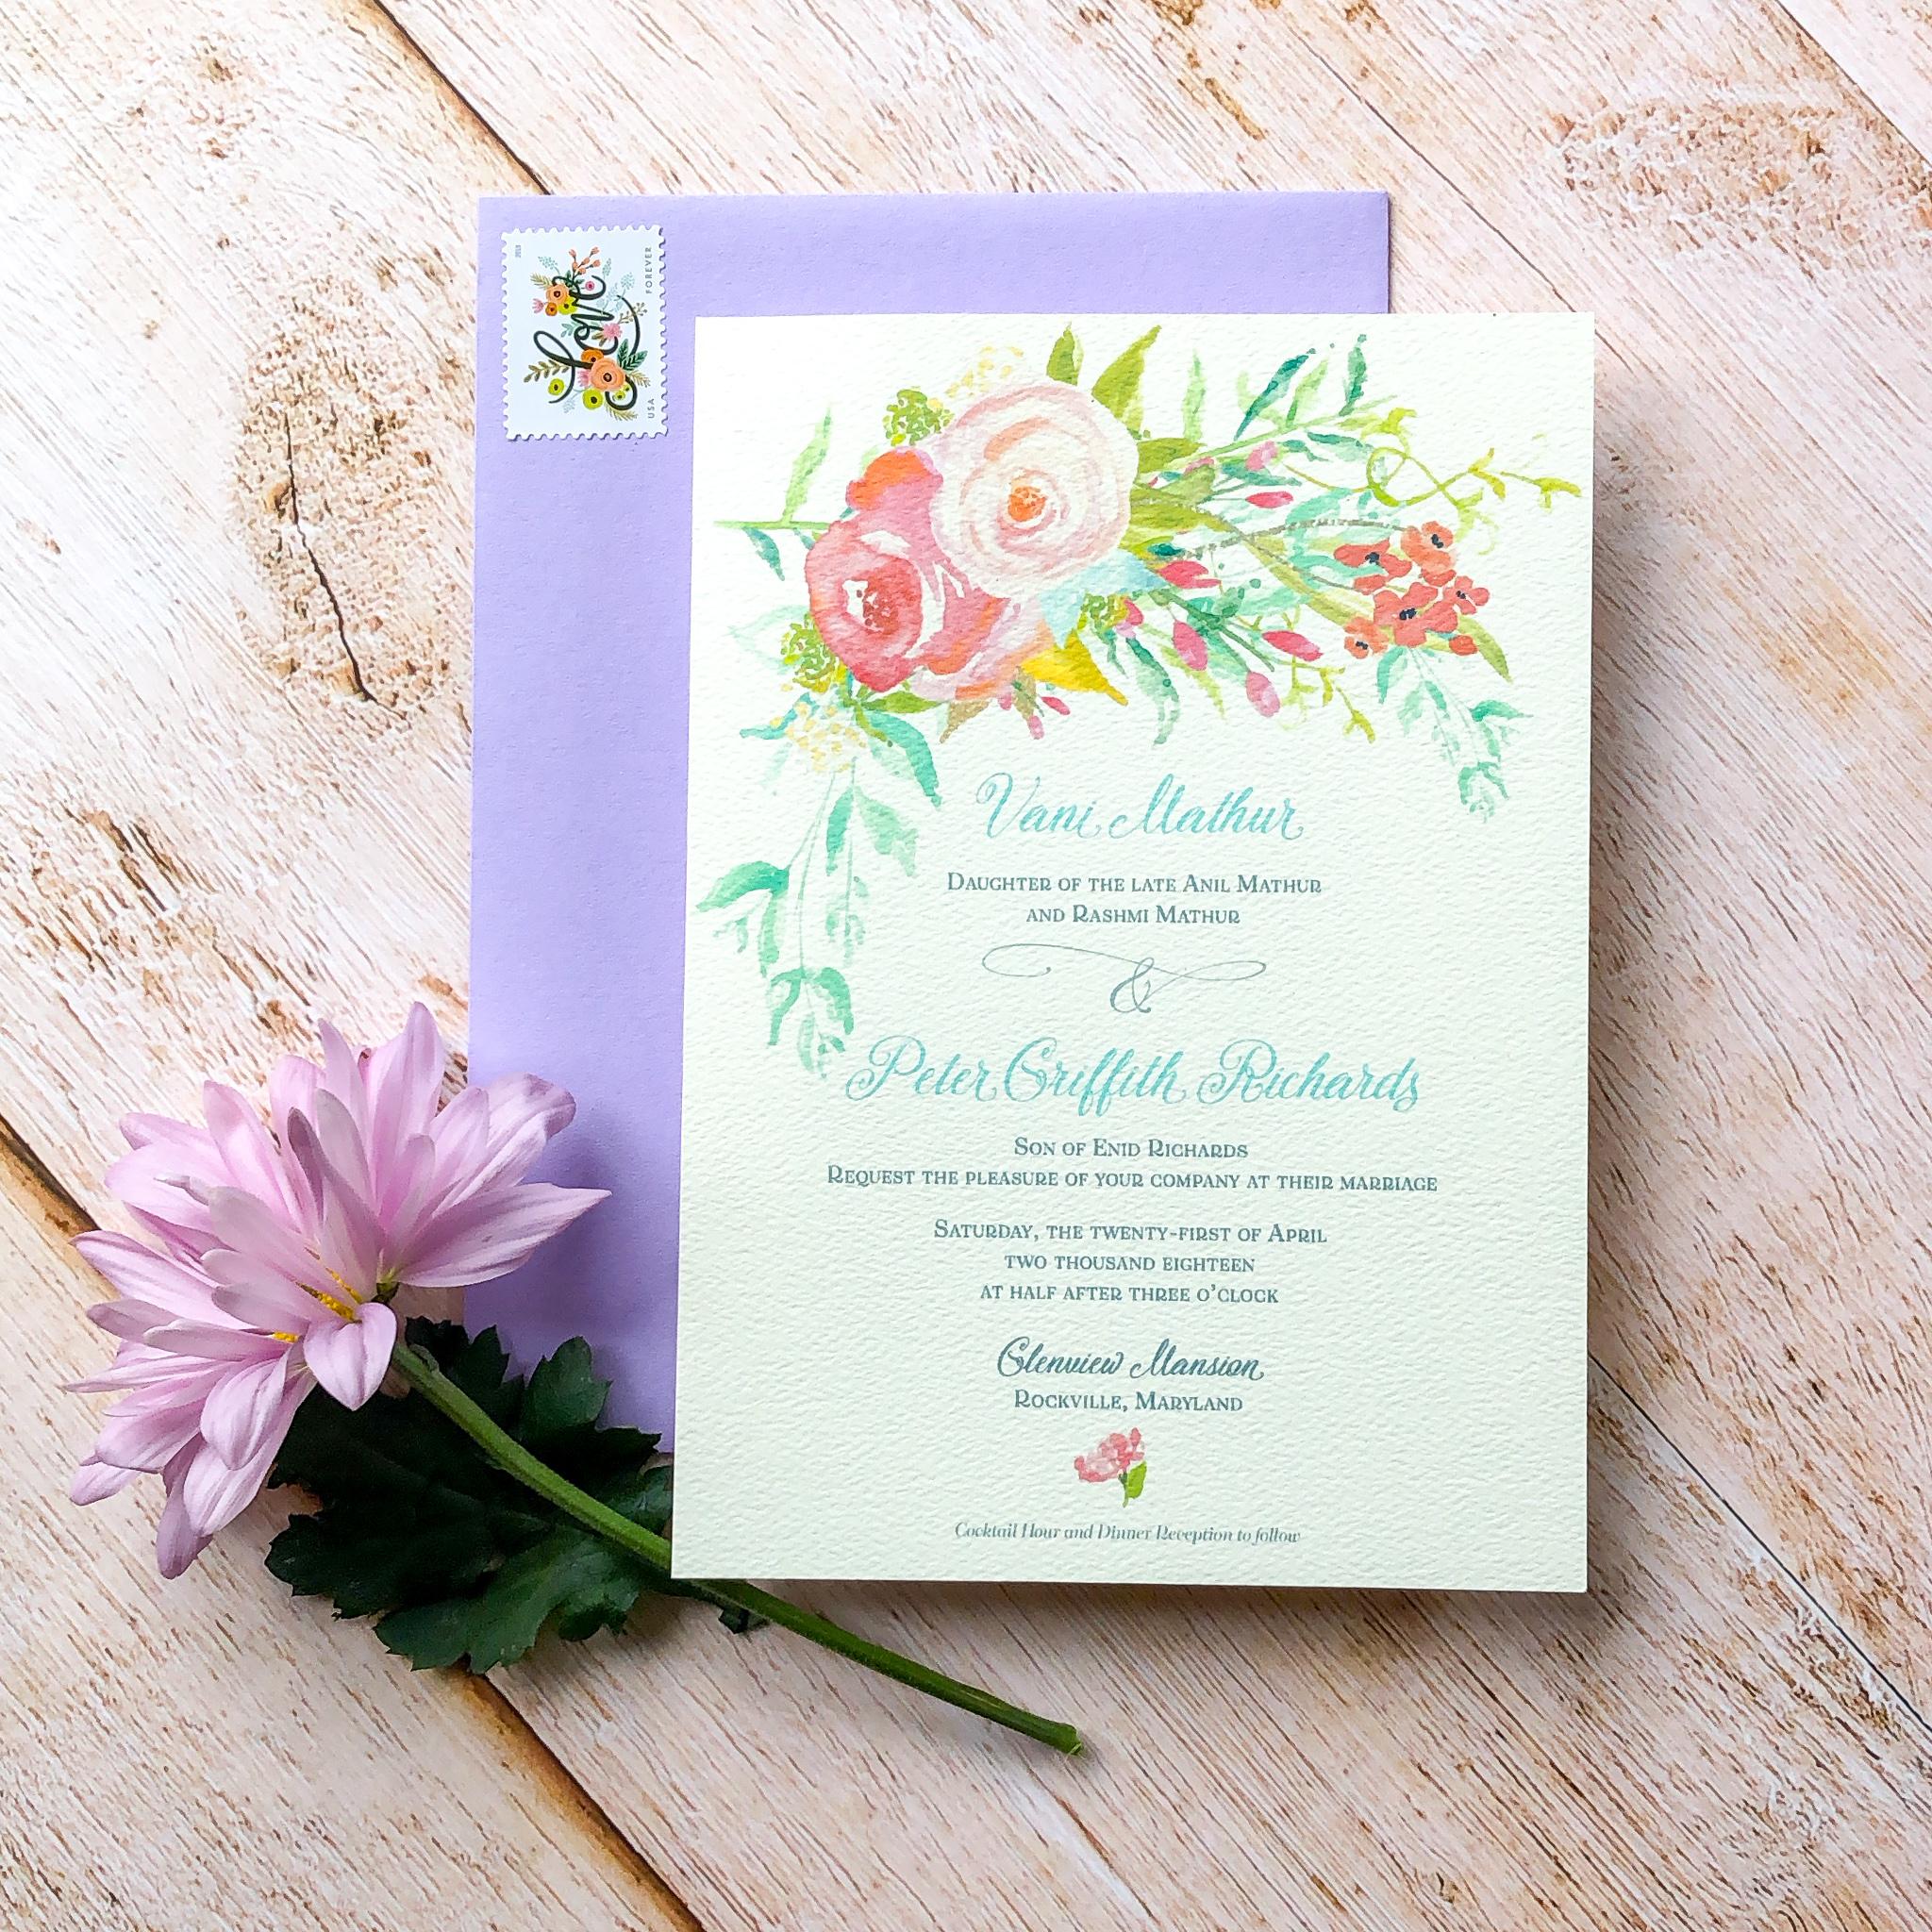 TypeA_WeddingInvitations_SemiCustom_SpringFloral_Design_Purple-Blue-Pink.jpg